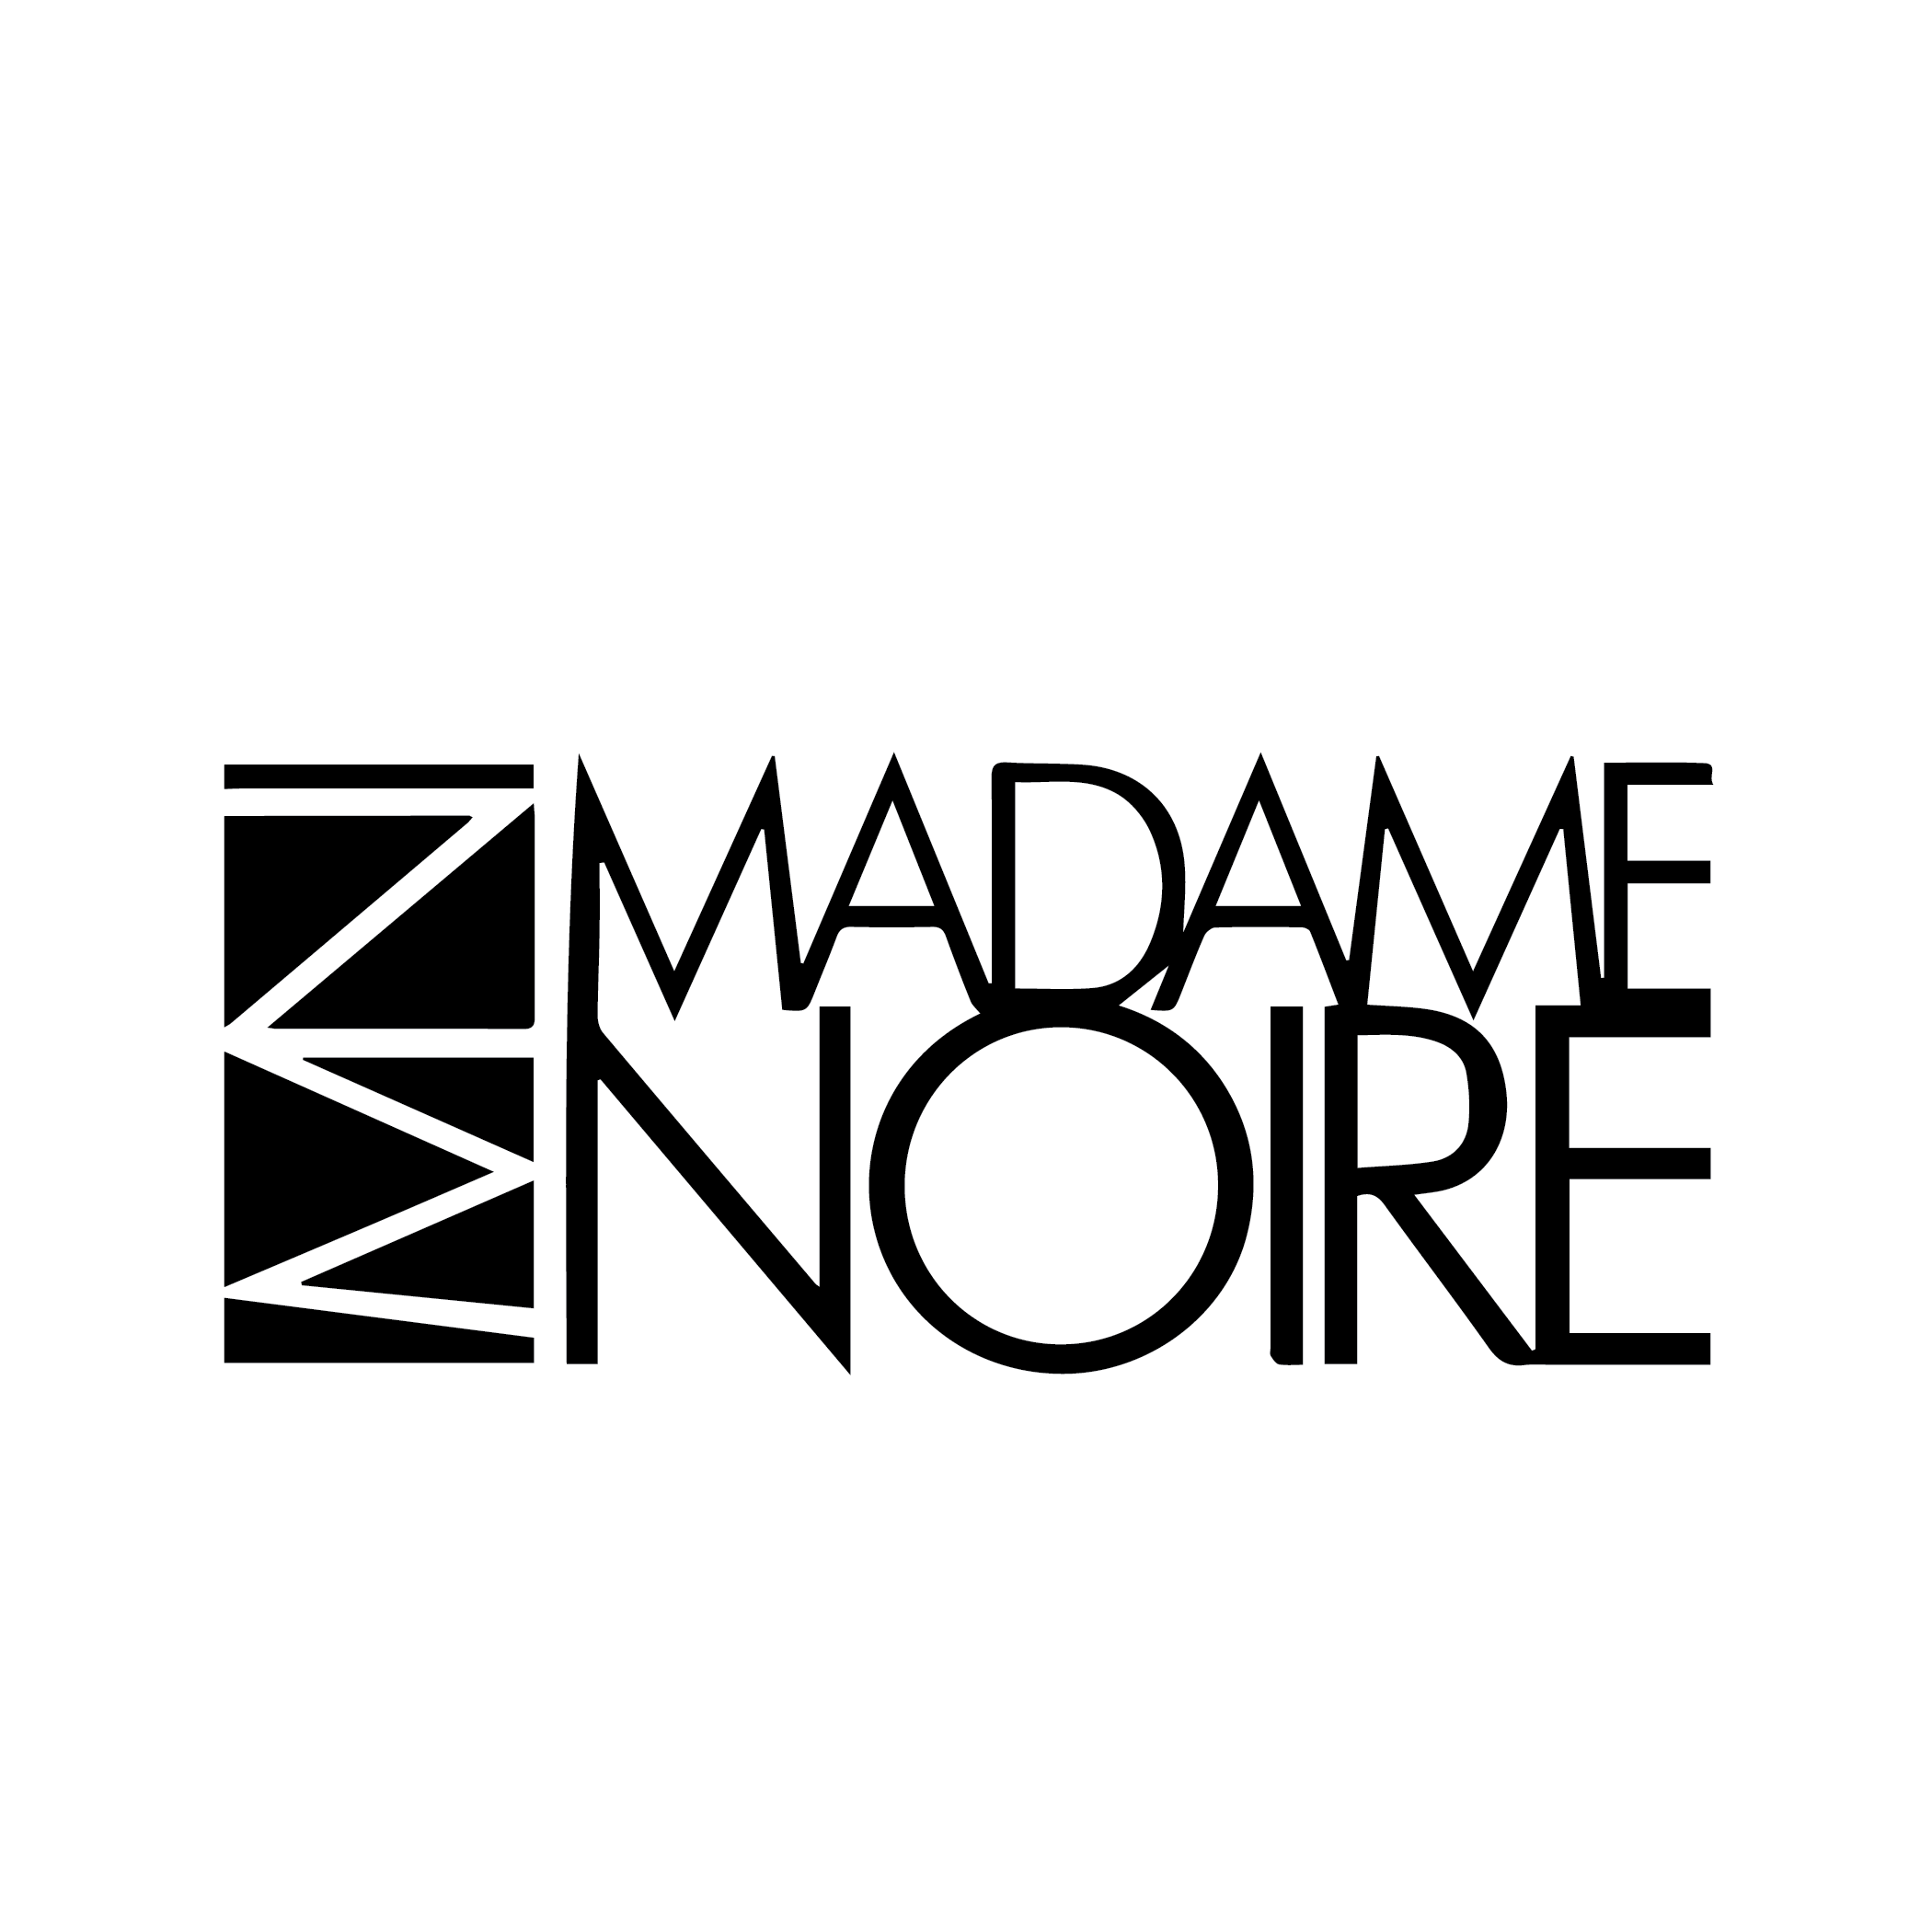 FavoredbyYodit_Press-Logos-MadameNoire.png